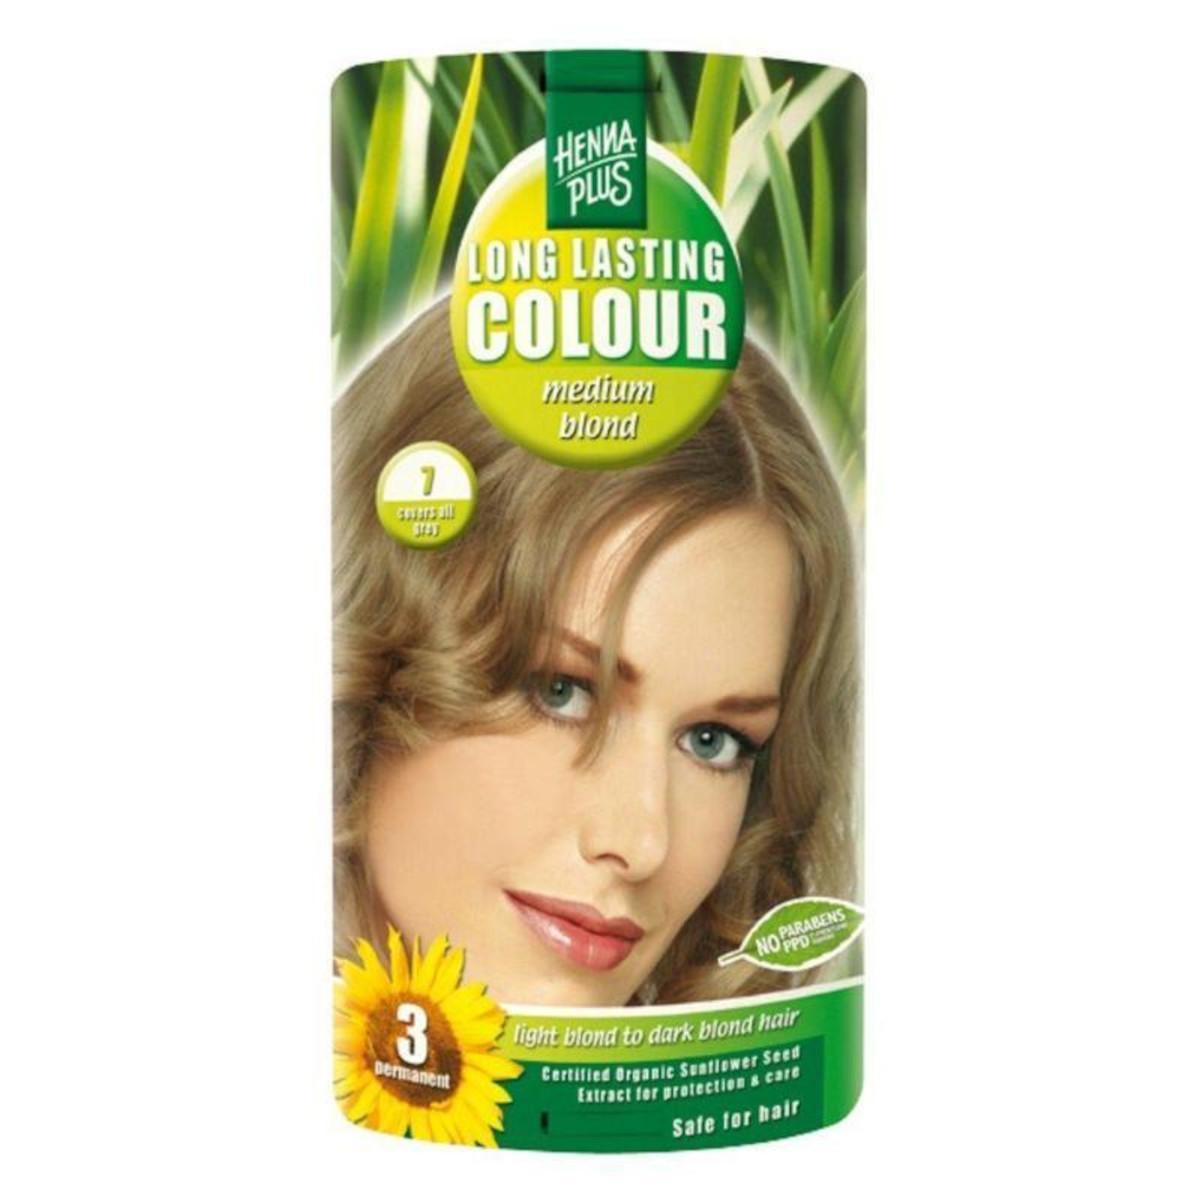 Henna Plus Dlouhotrvající barva Sytě blond 7 100 ml